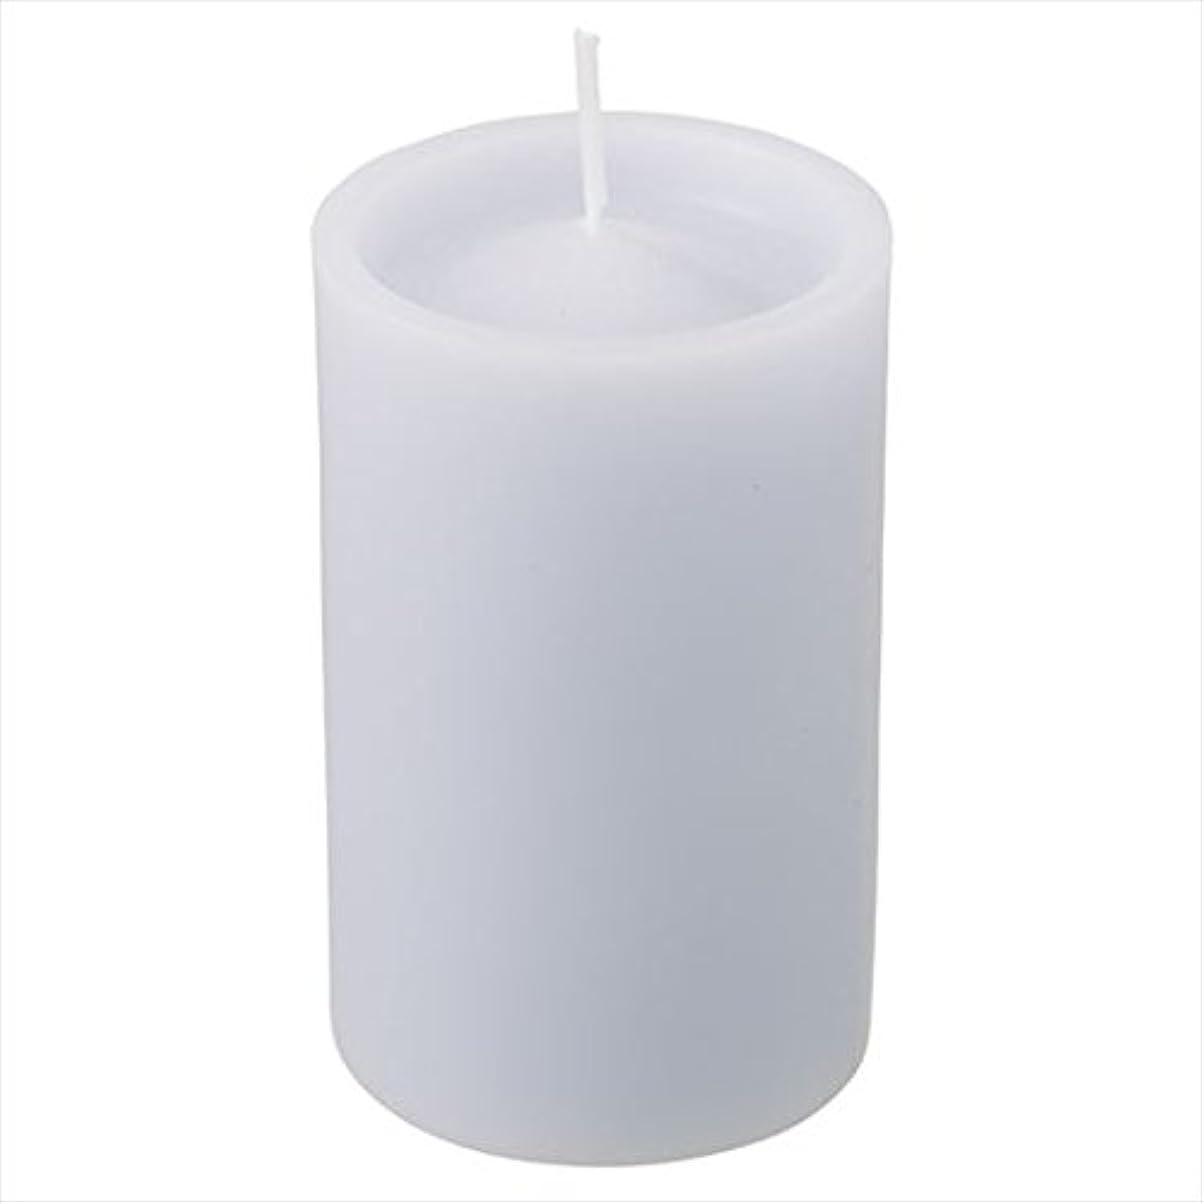 精度十分なゴミ箱を空にするカメヤマキャンドル( kameyama candle ) ロイヤルラウンド60 「 グレー 」